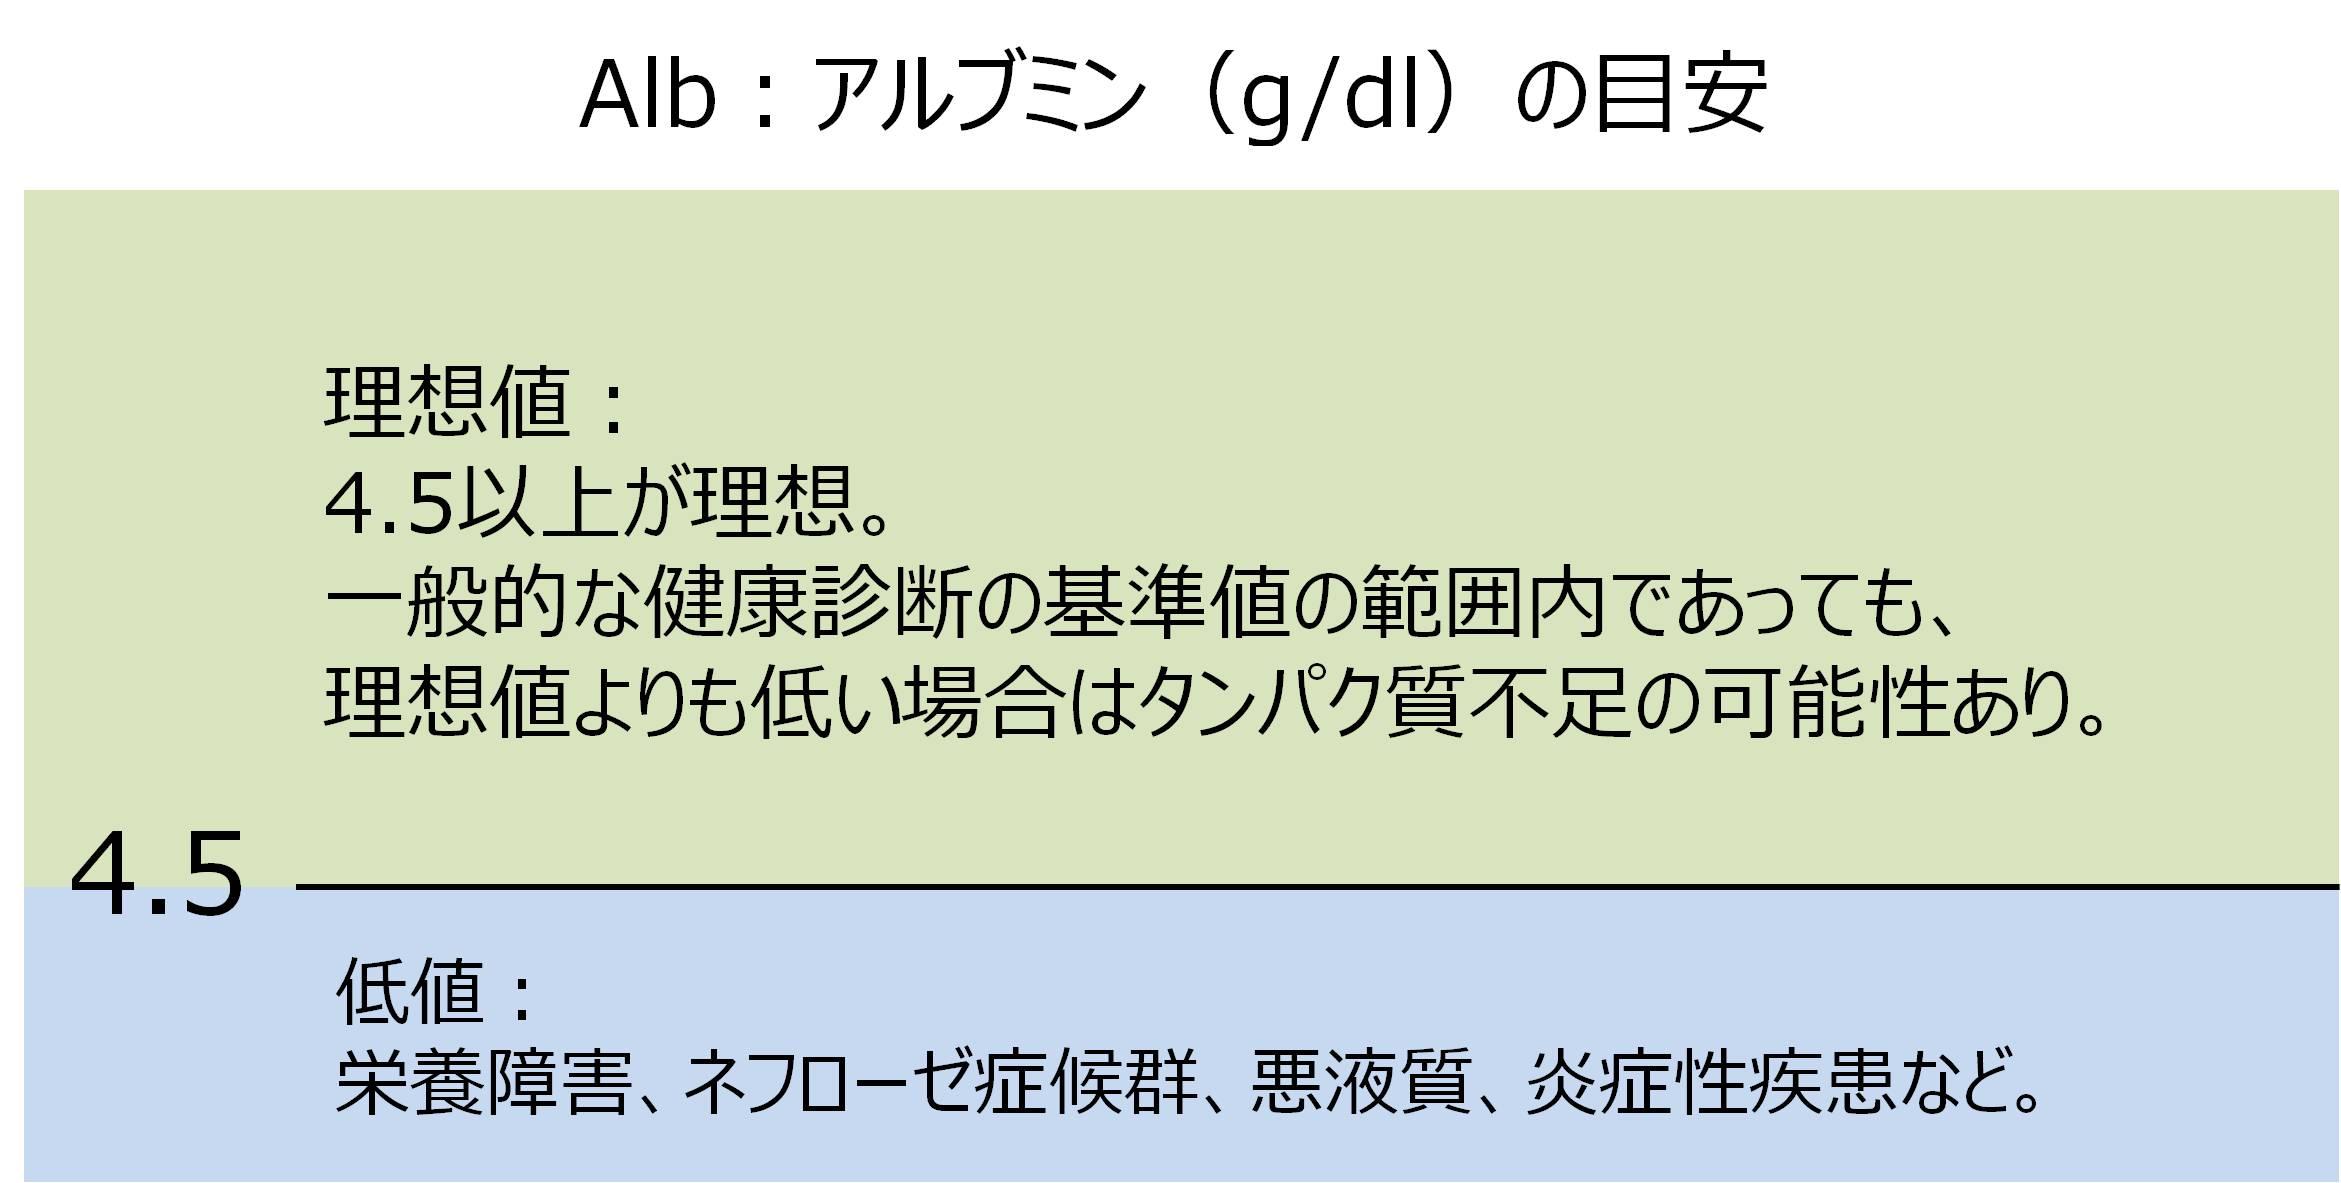 血液検査 Alb アルブミン 基準値